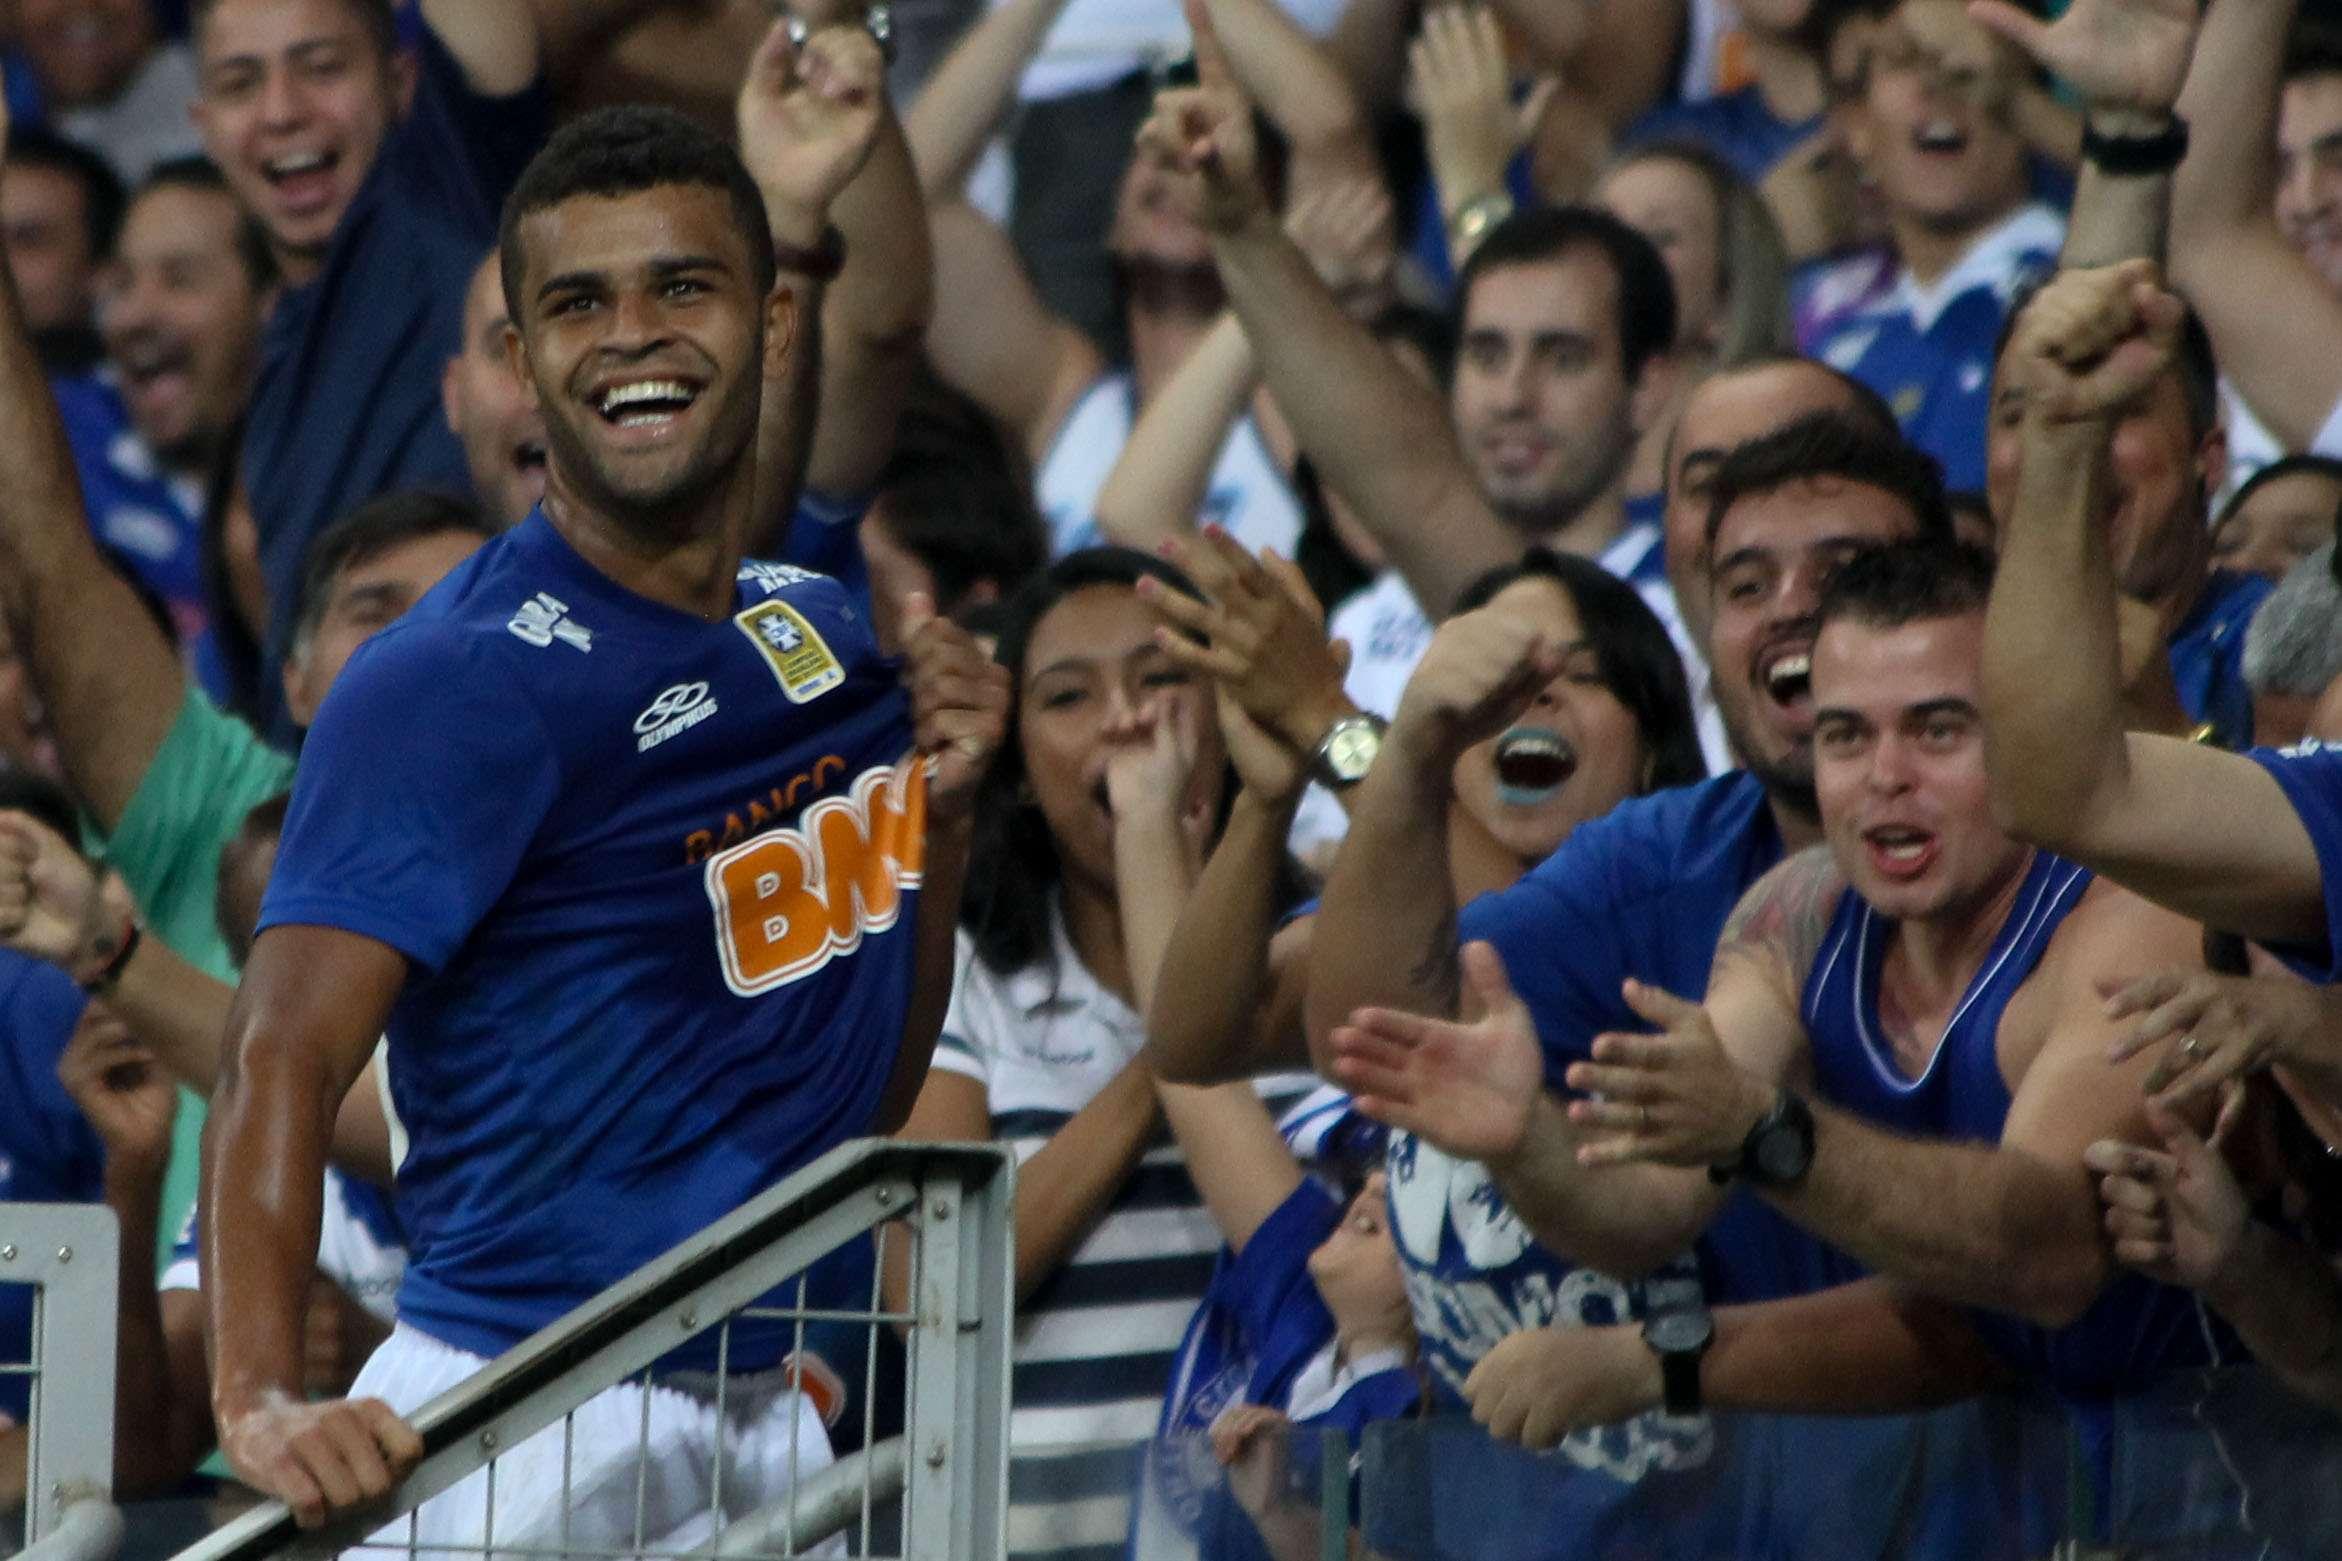 Alisson faz a festa com a torcida do Cruzeiro em duelo com o Atlético-PR no Mineirão Foto: Denis Dias/Gazeta Press